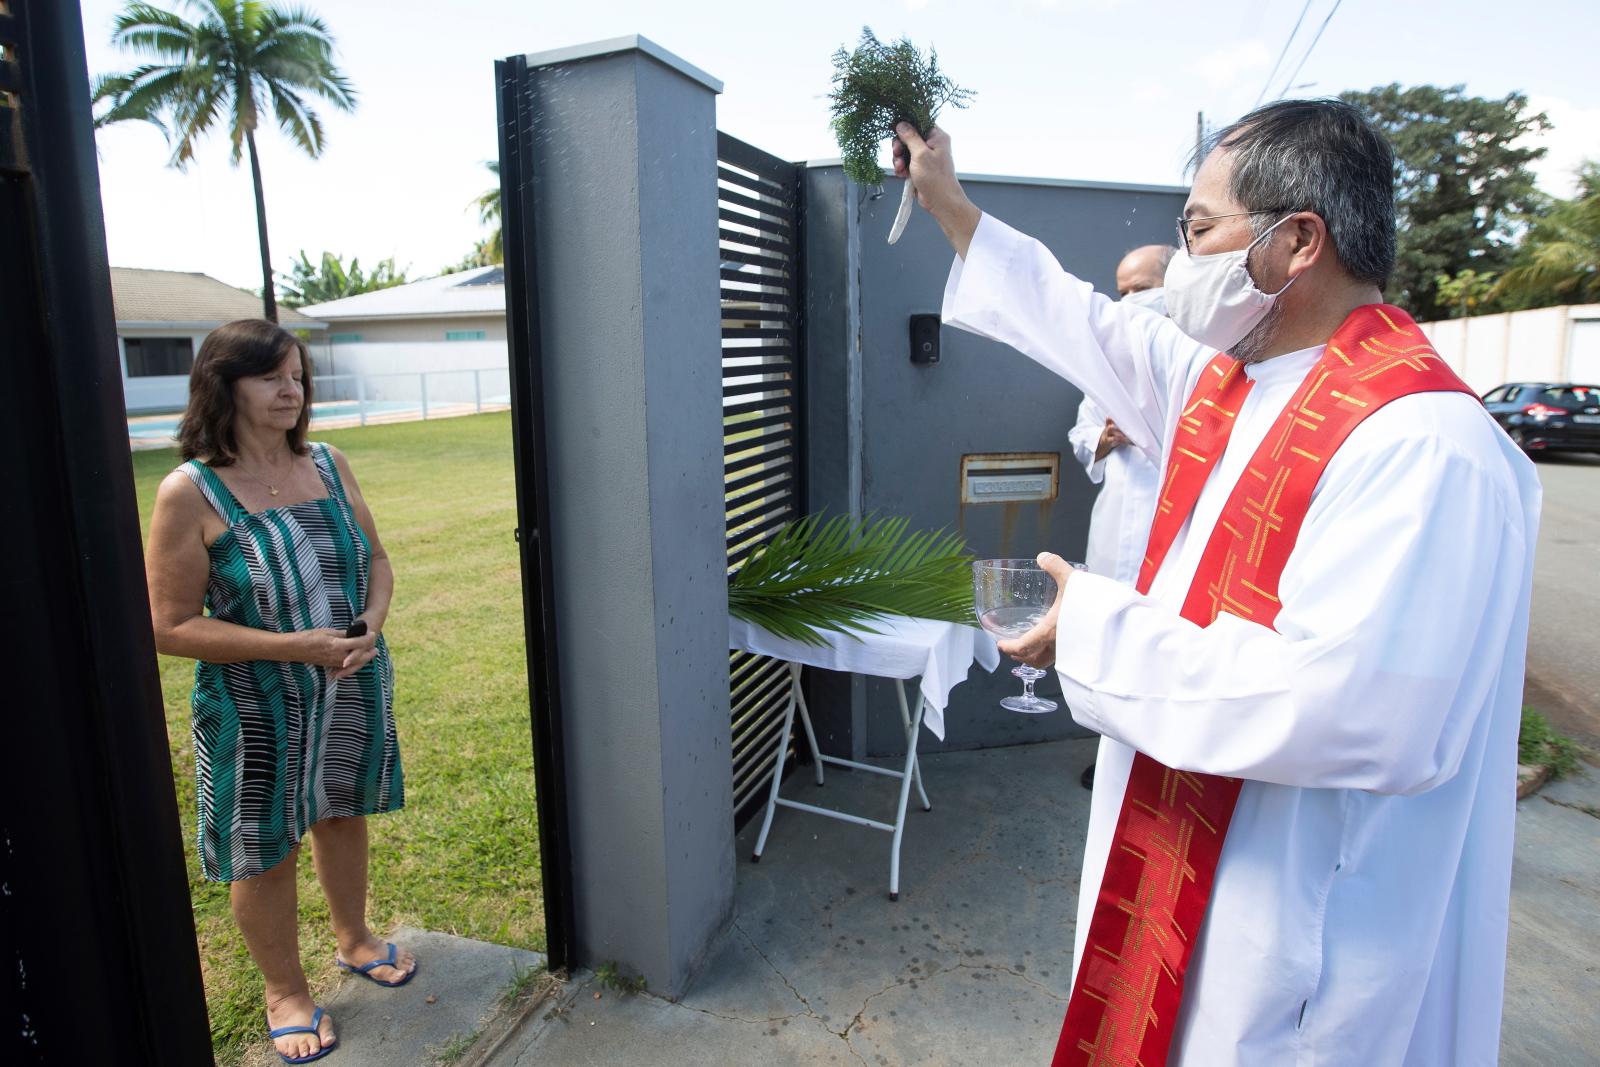 Niedziela palmowa w Brazylii fot. EPA/Joedson Alves